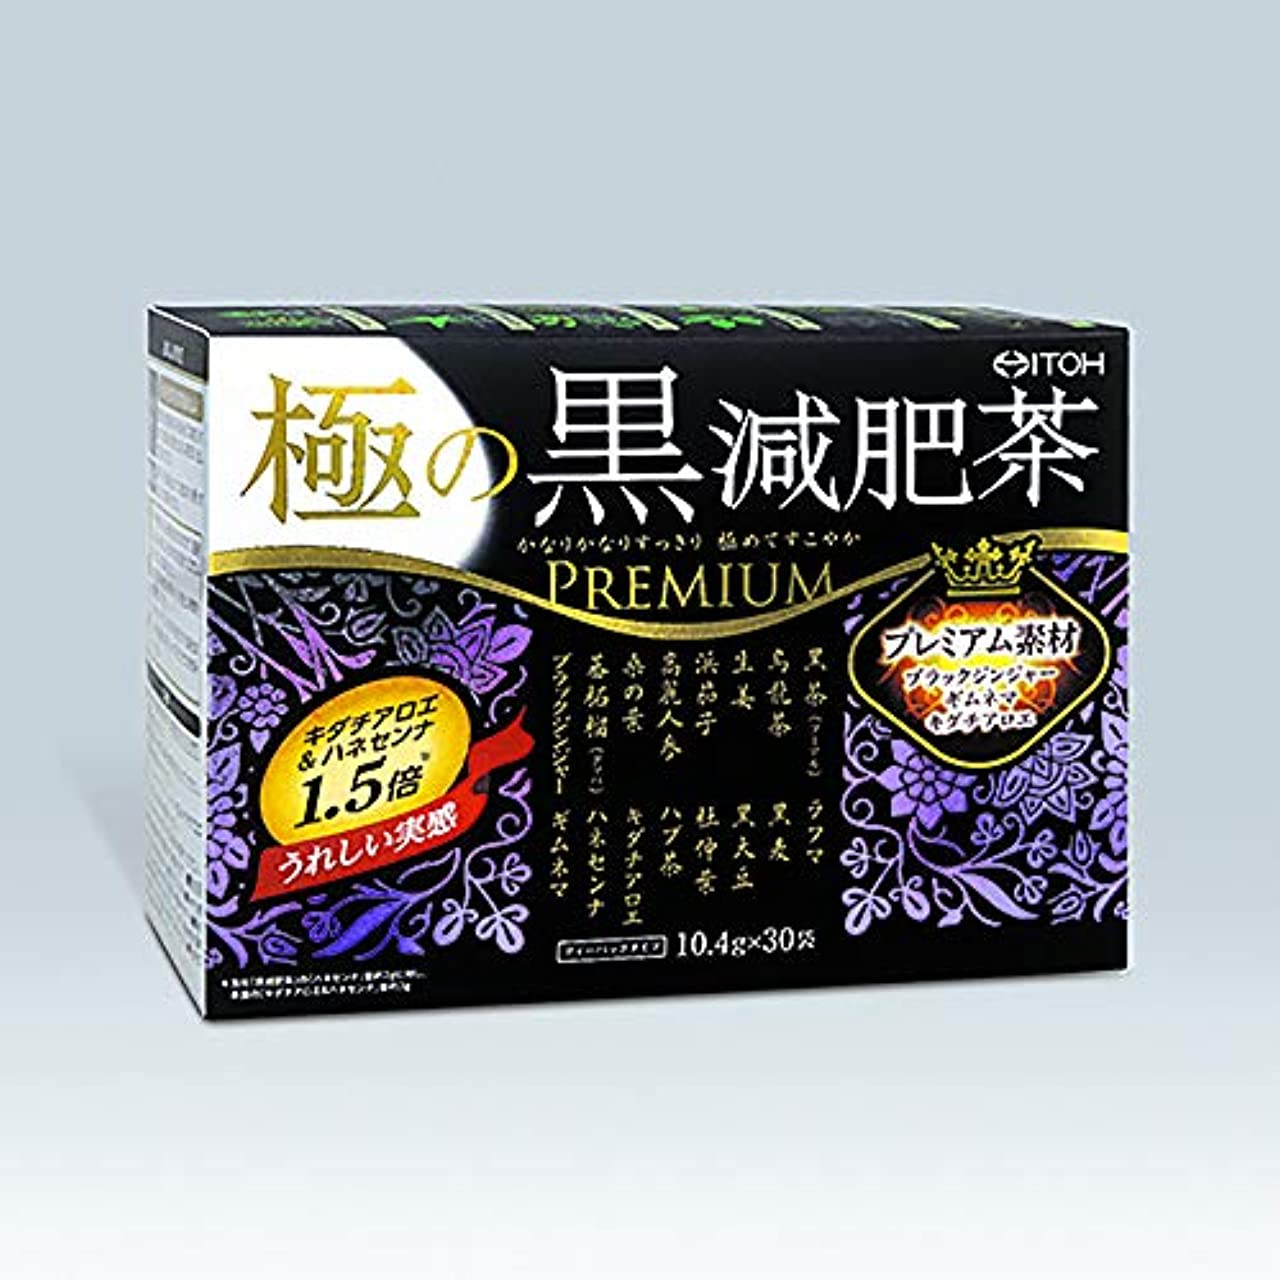 マーティンルーサーキングジュニア森林私たちのもの井藤漢方製薬 極の黒減肥茶30袋